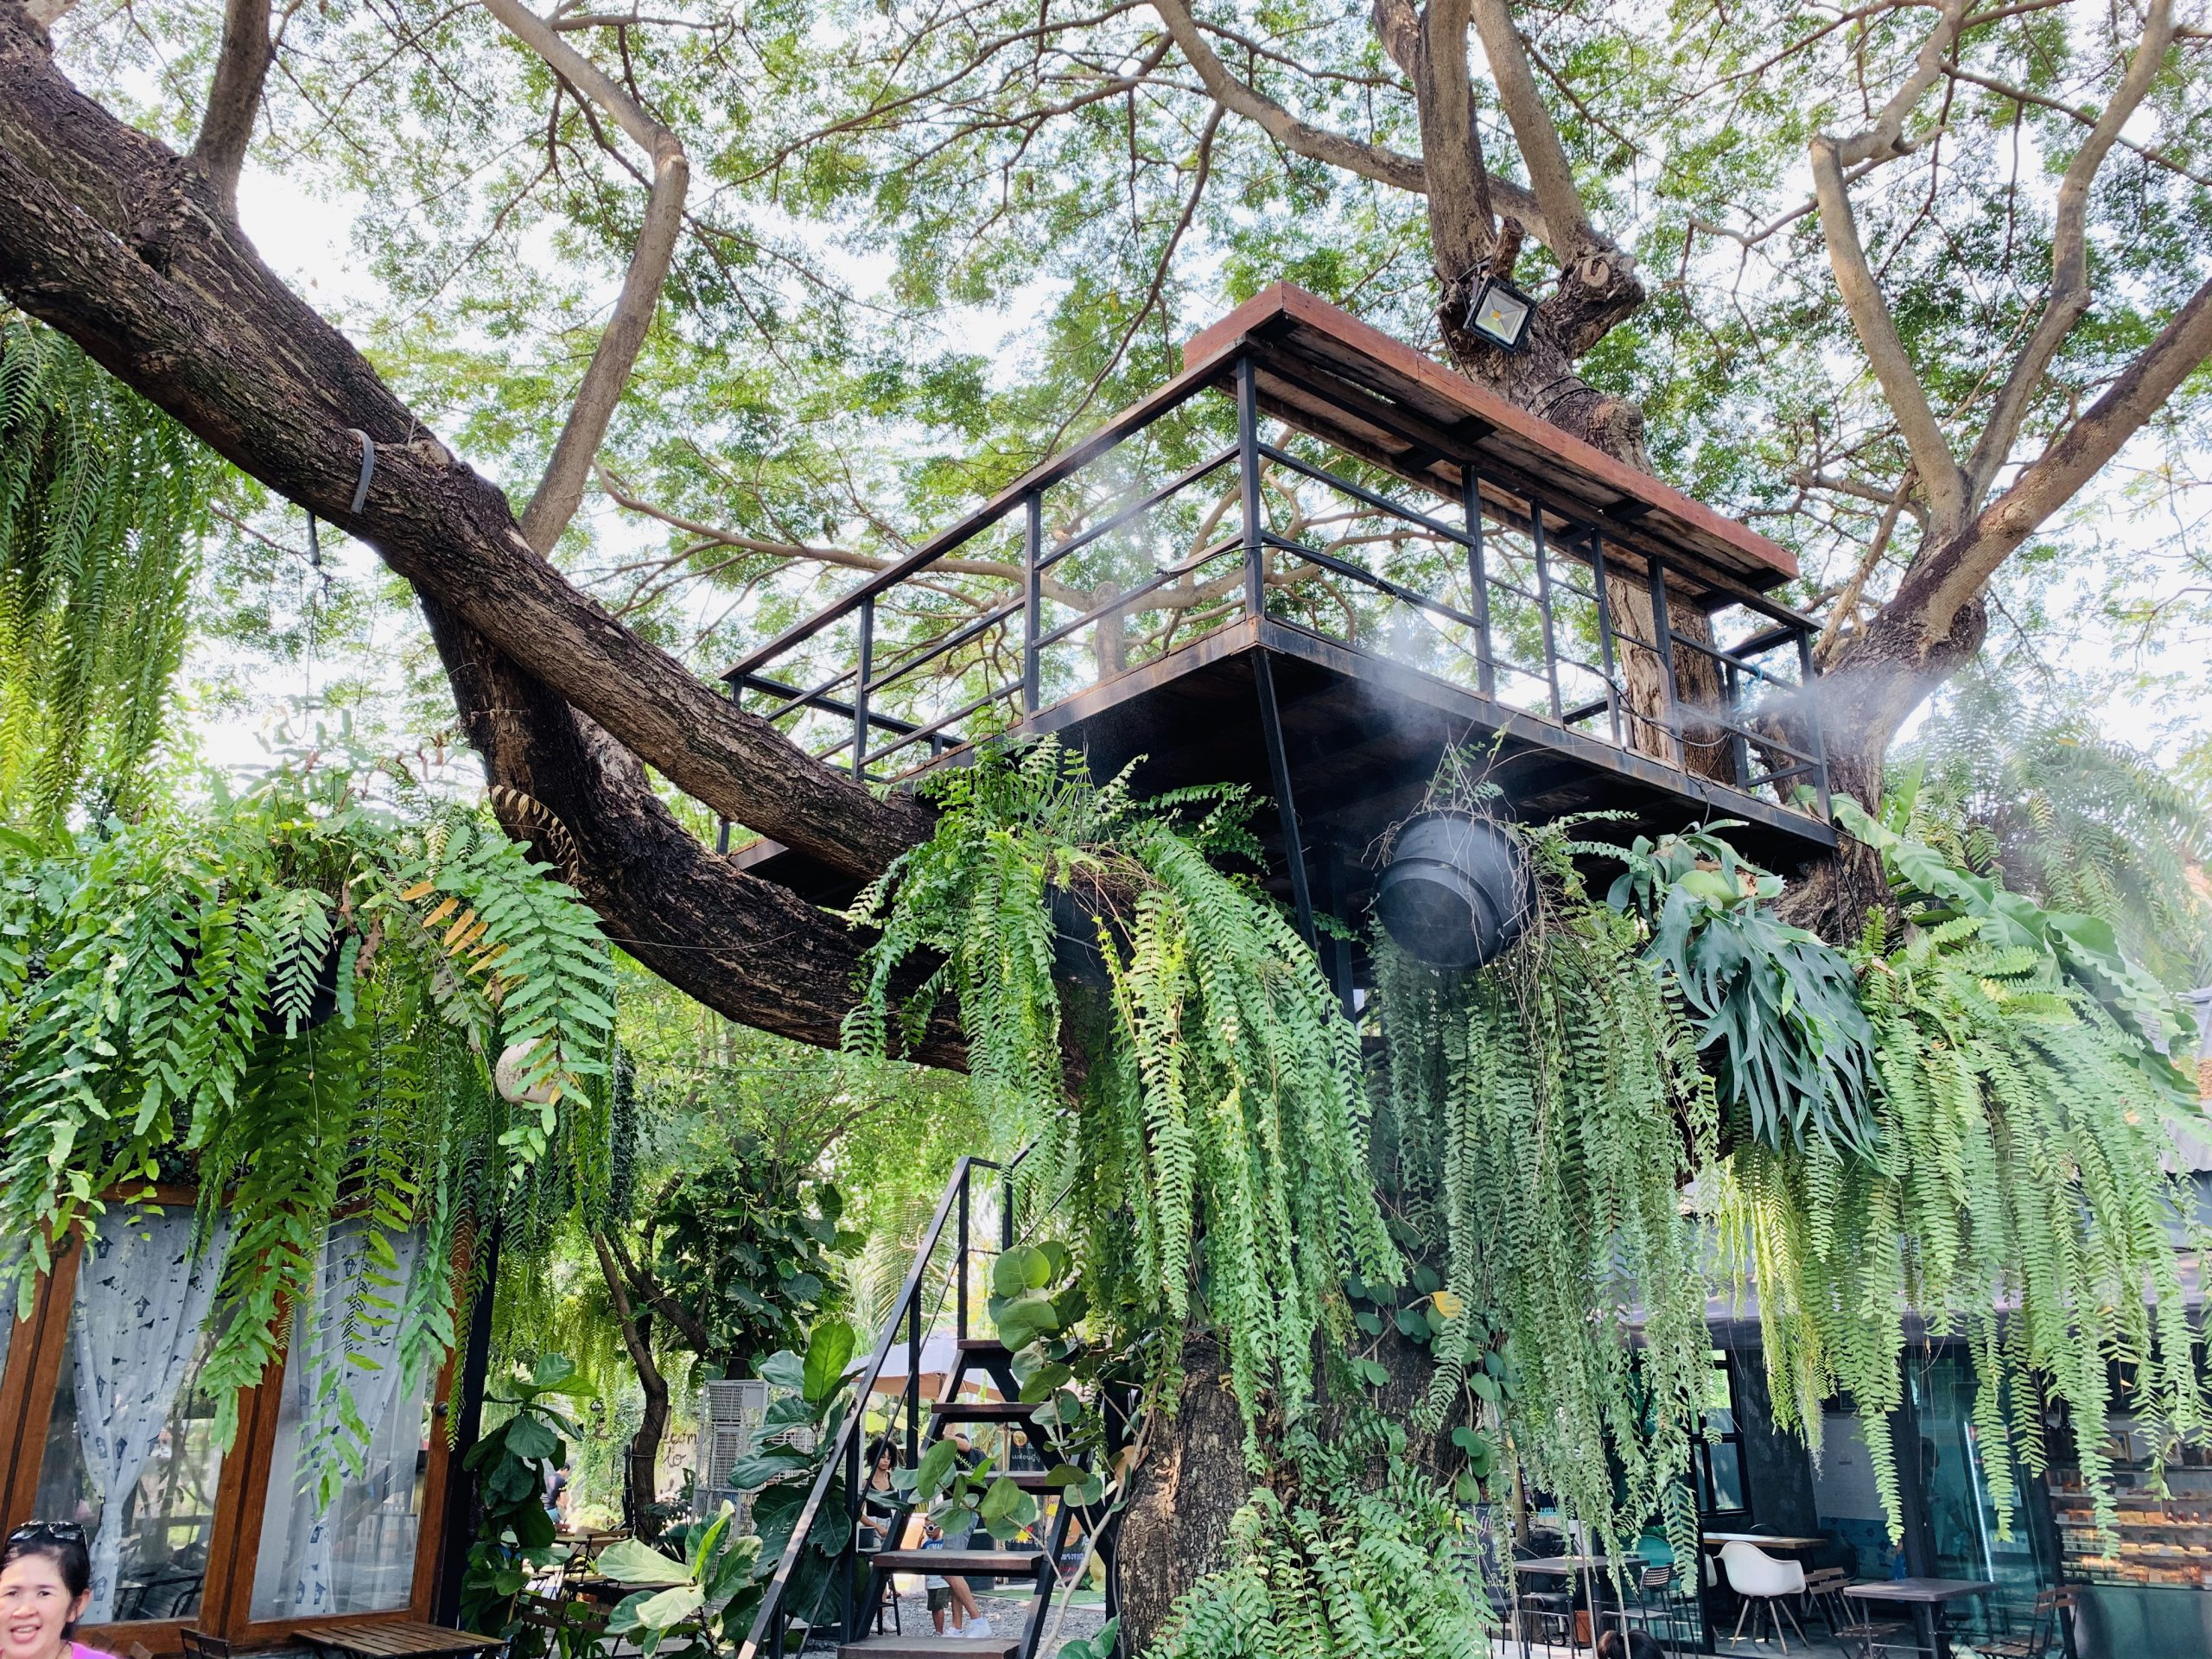 บ้าน ๑,๐๐๐ไม้ Cafe & Farm